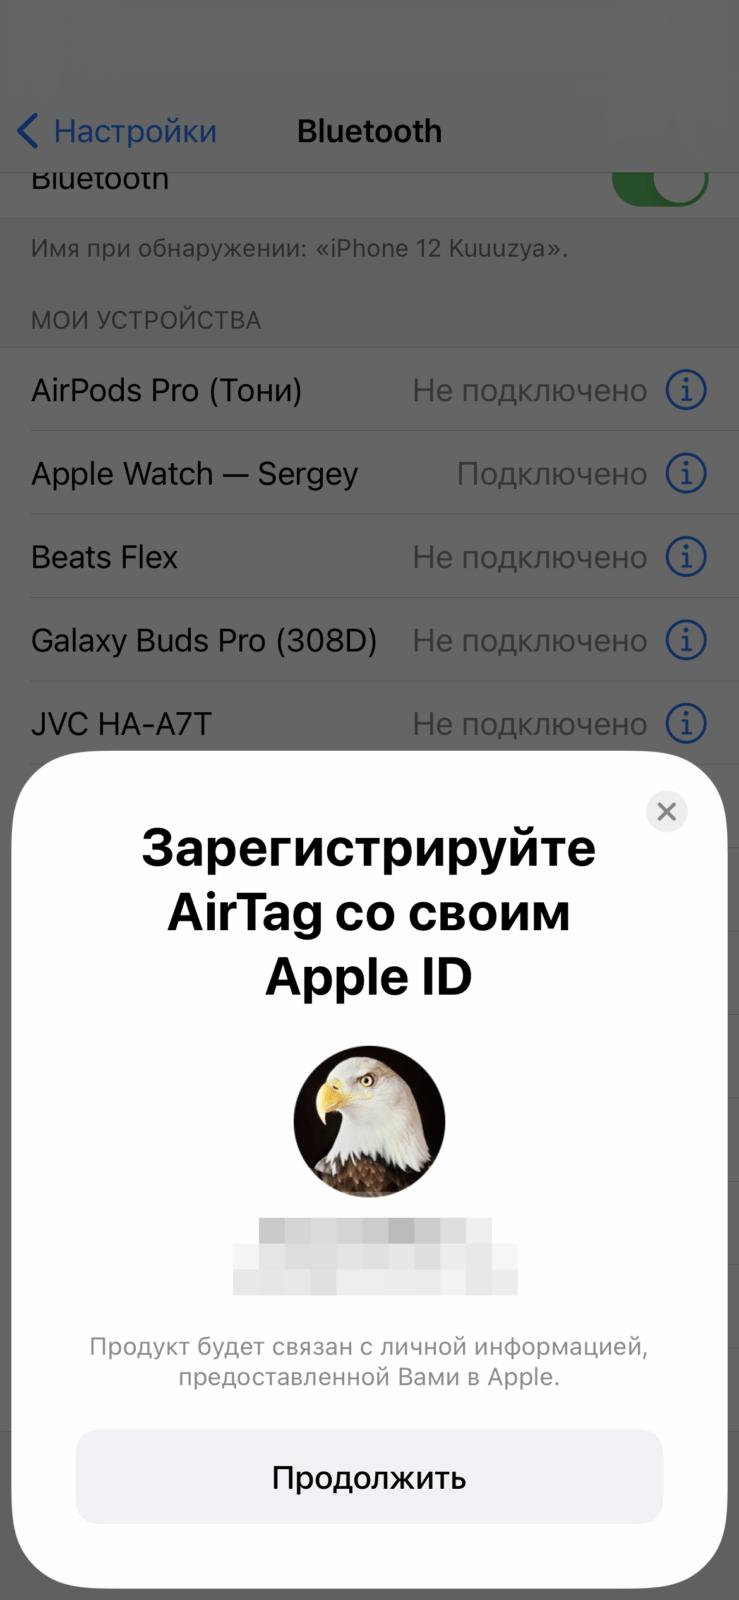 Обзор Apple AirTag: легко найти и невозможно потерять (img 1143)